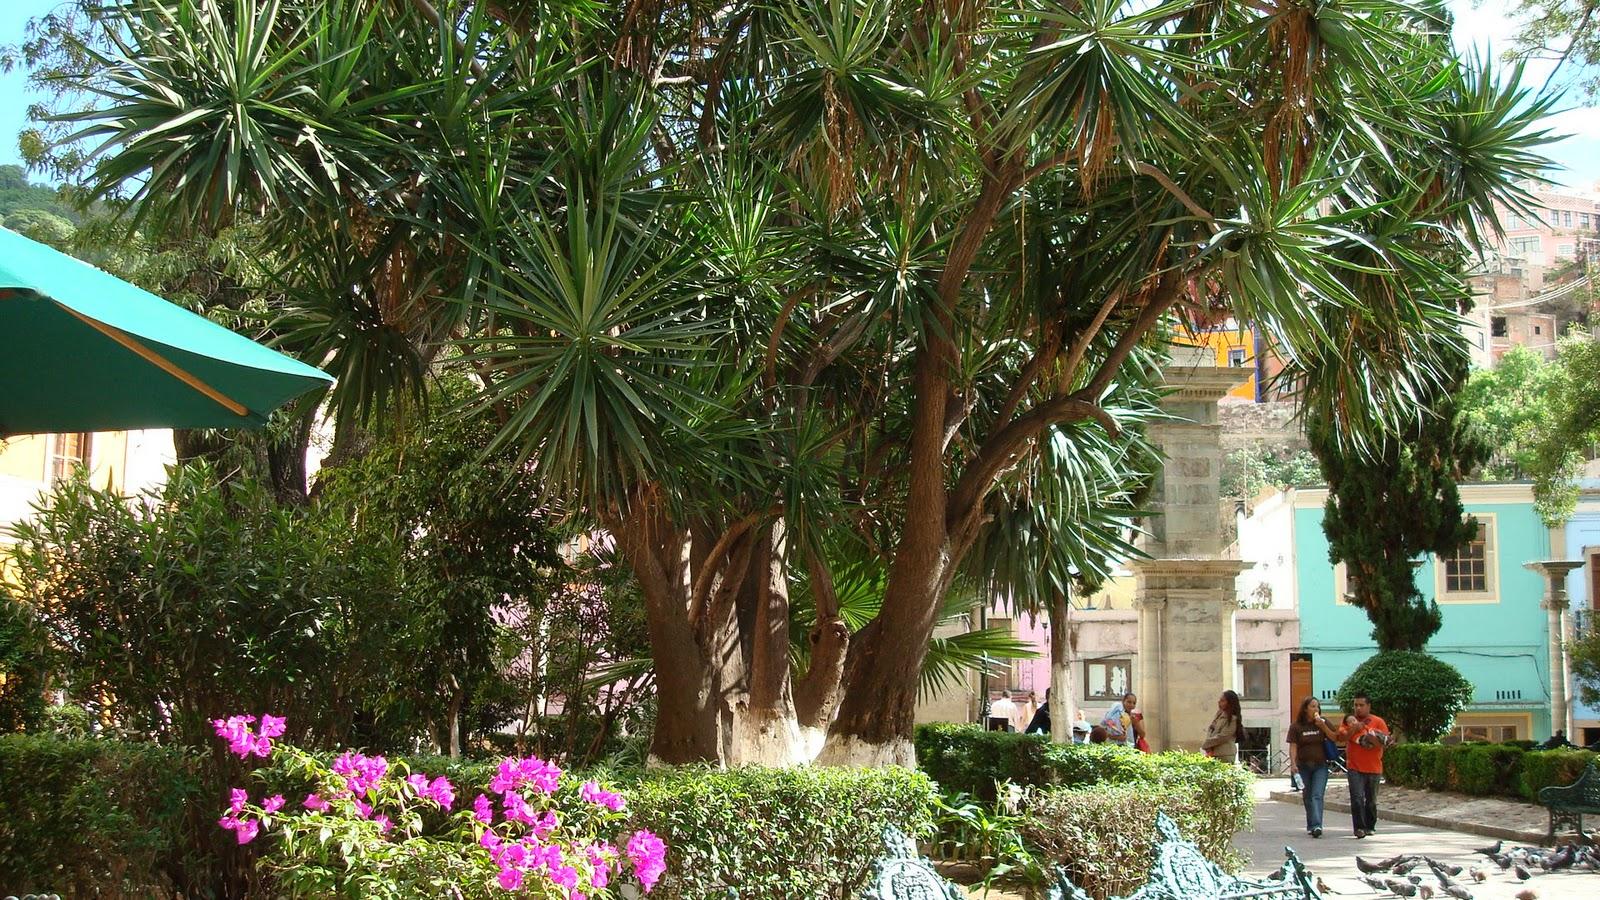 Sancarlosfortin arboles y plantas guanajuato for Arboles y plantas de jardin